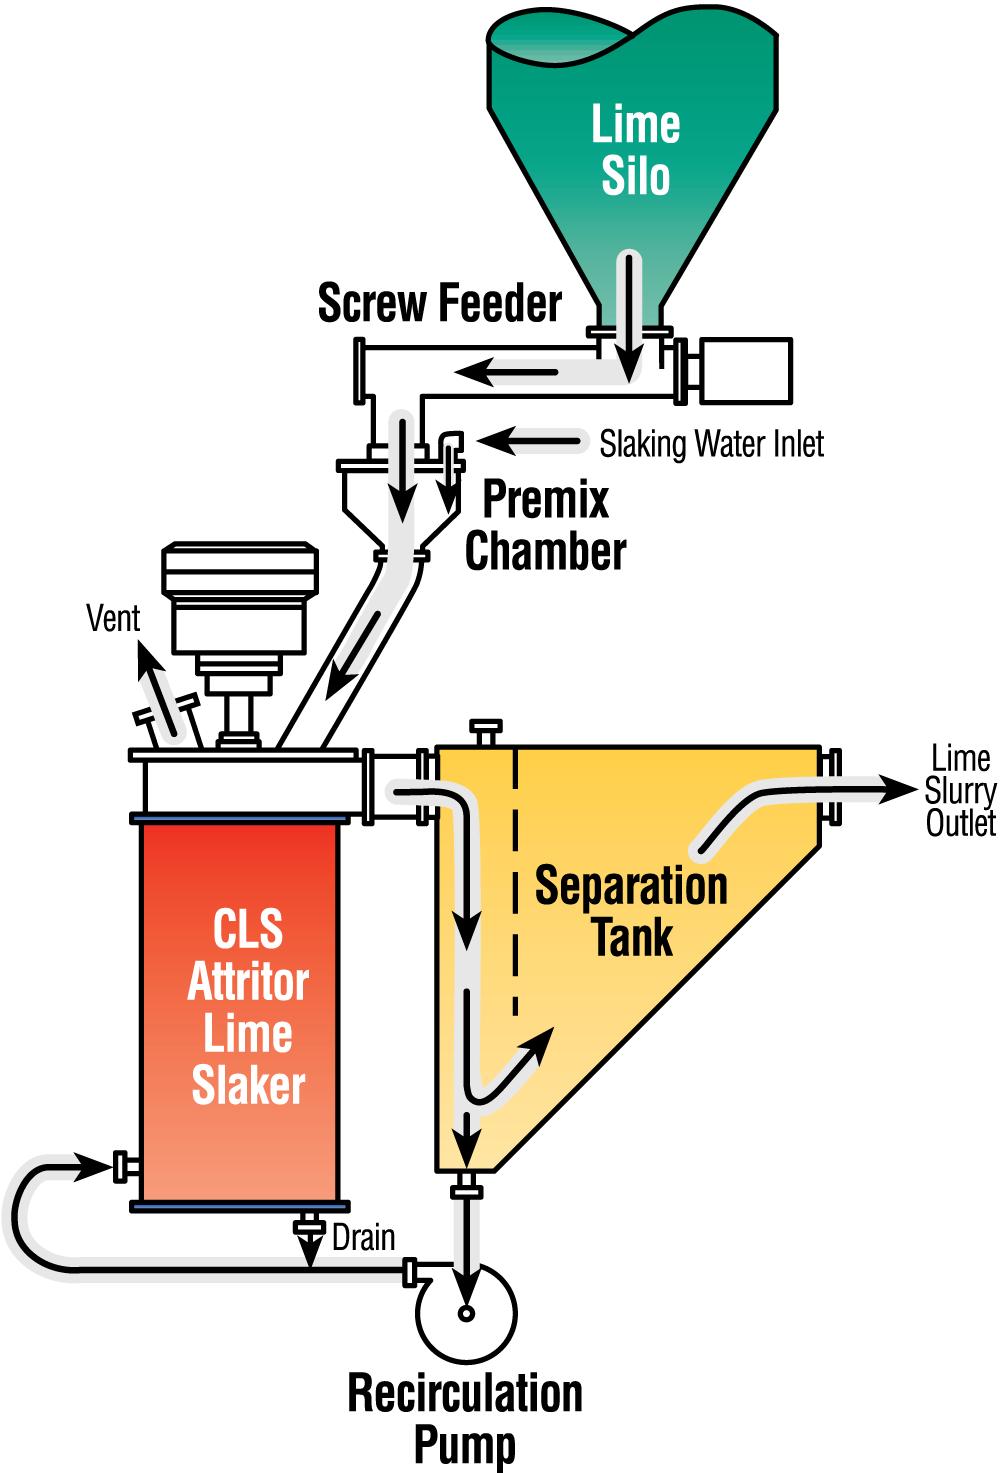 CLS Lime Slaker Process illustration